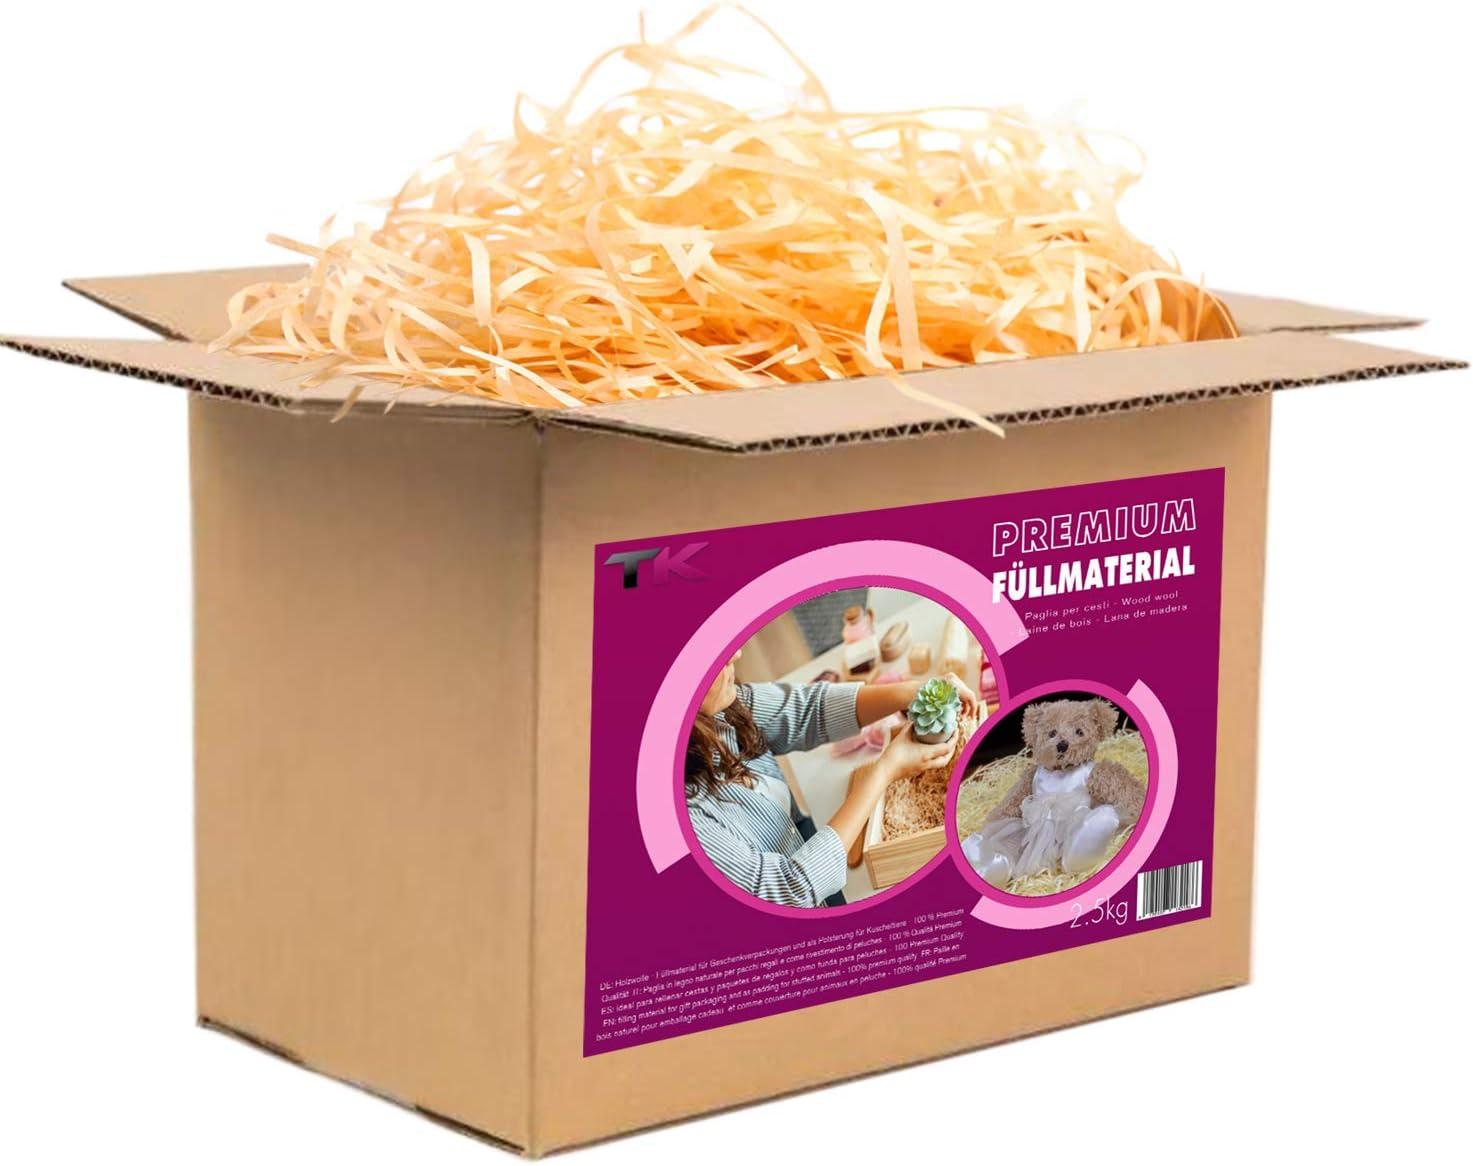 Virutas de madera ideal como material de relleno para embalaje - Paja decorativa para cestas y paquetes de regalos (2,5 kg)